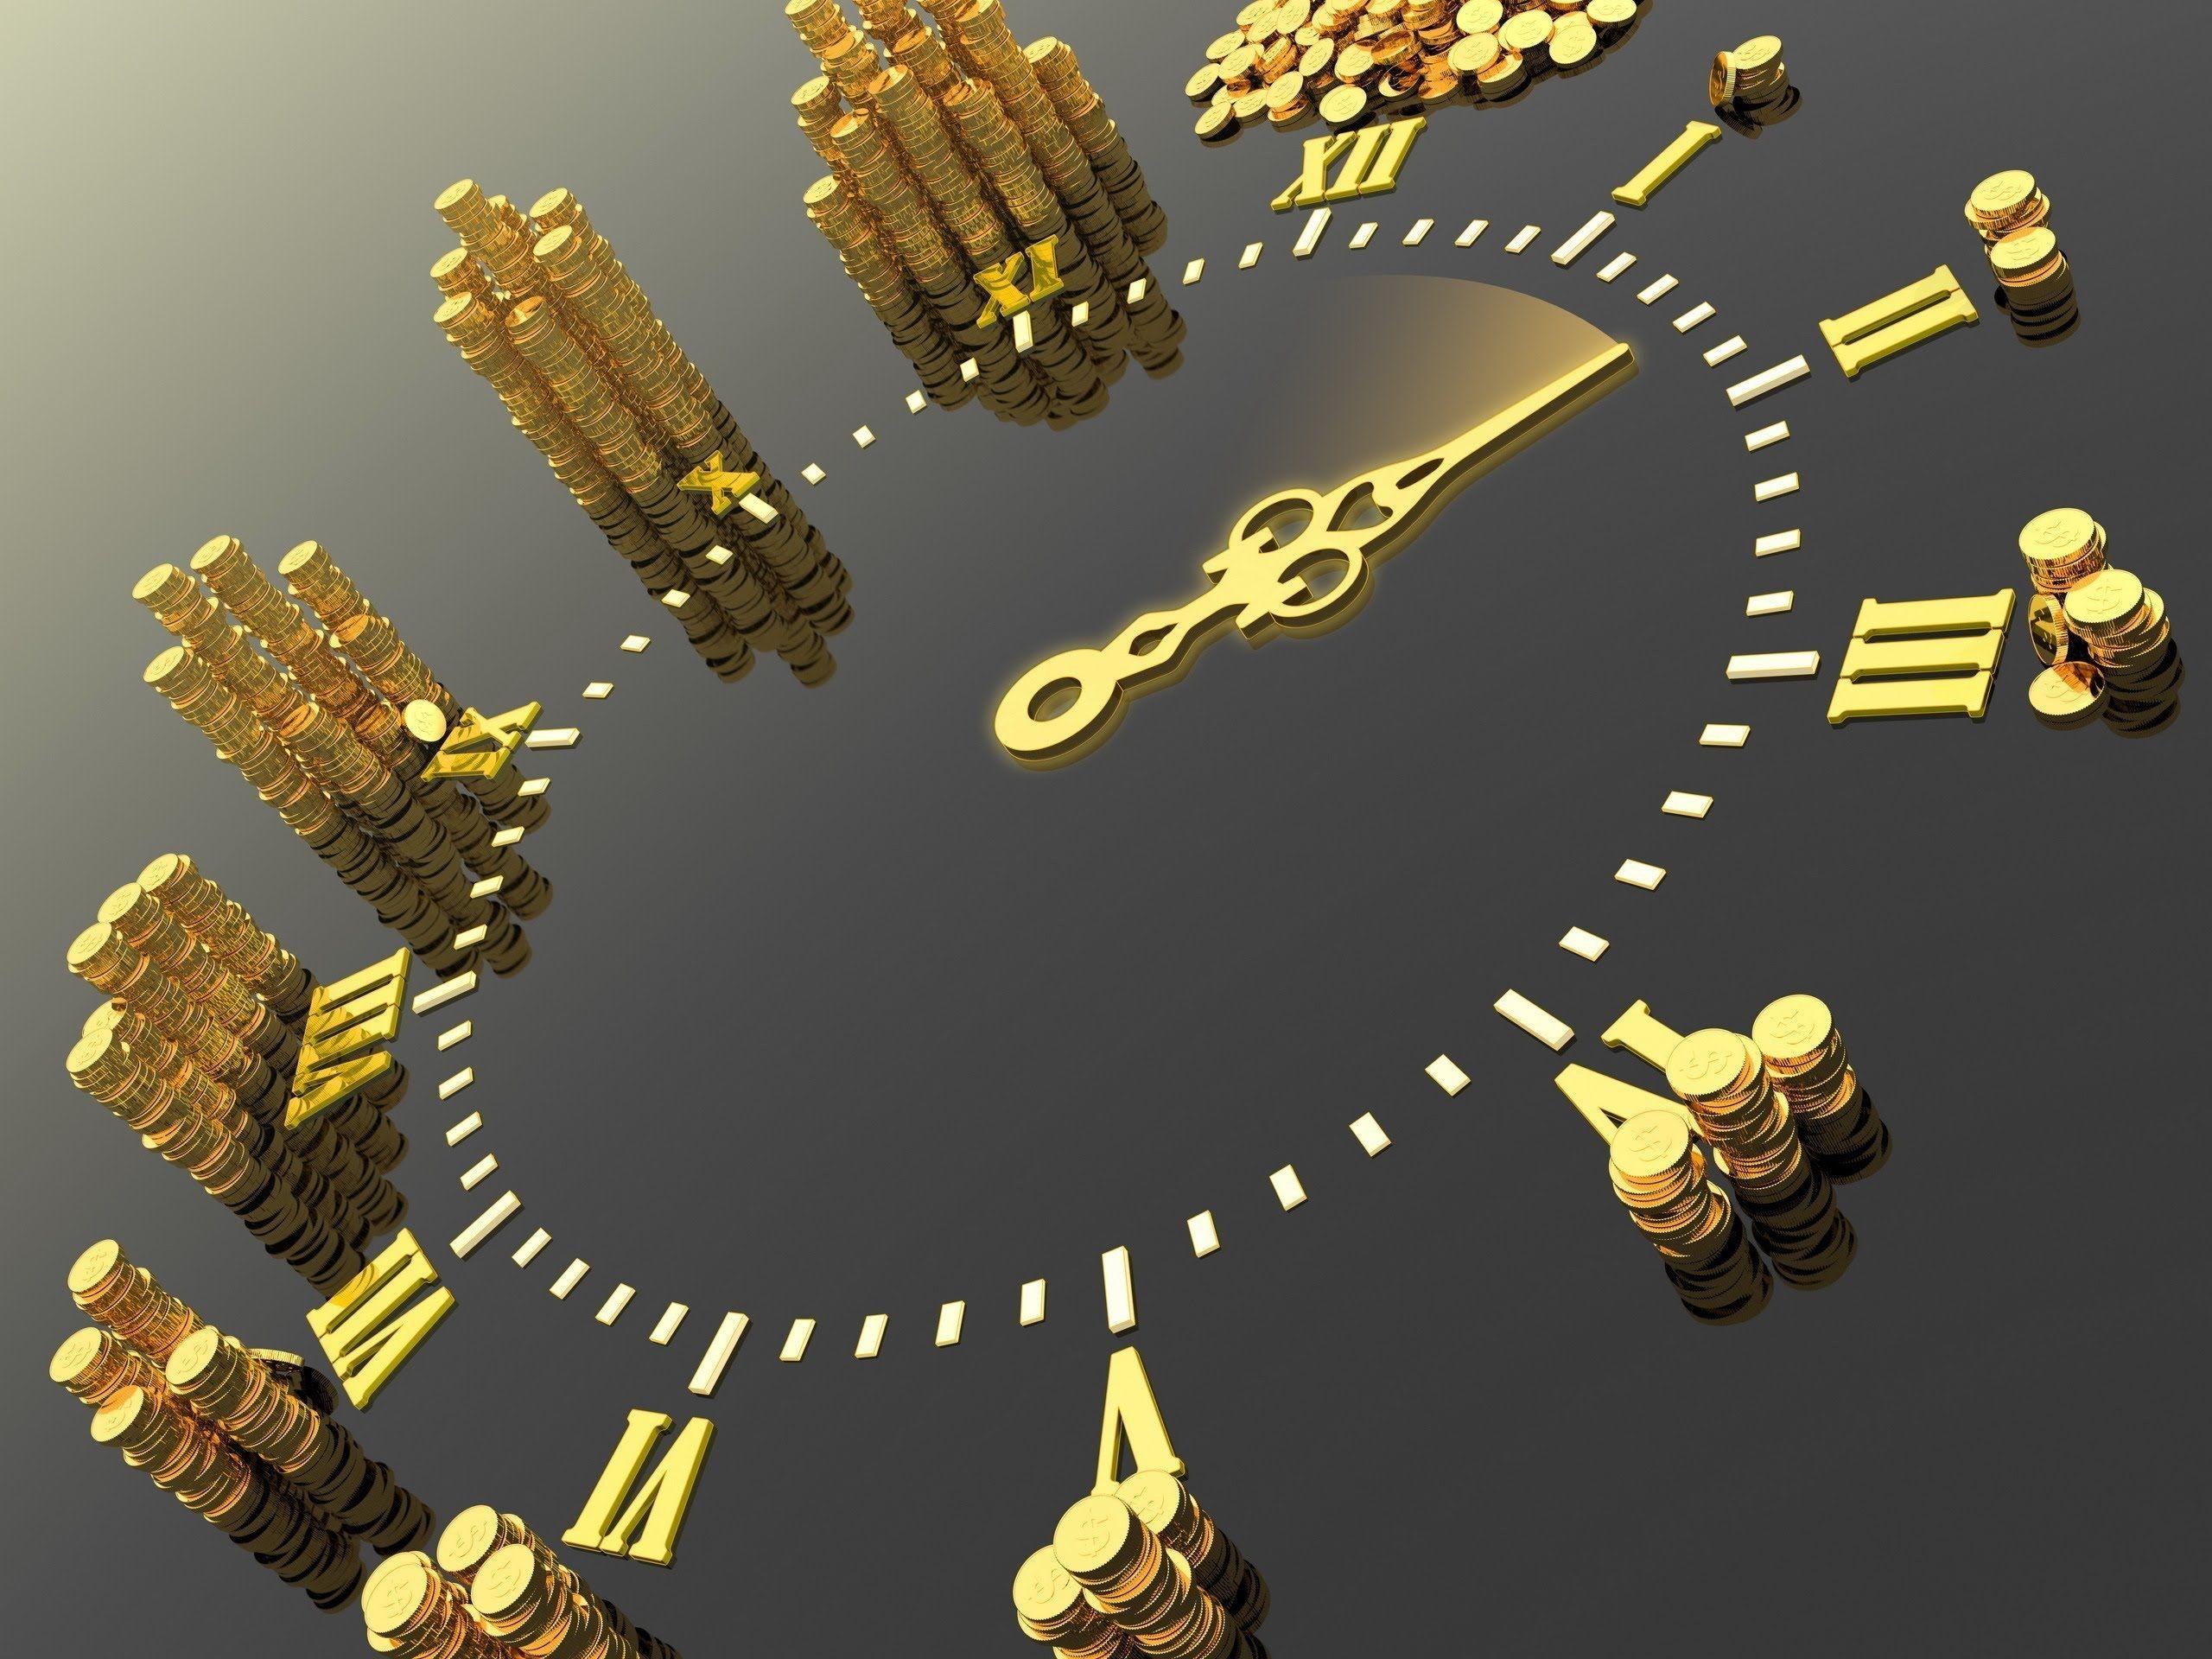 نابليون هيل فكر تصبح غنيا الجزء الخامس الشخصية المحبوبة Time Is Money Time Art I Am Awesome